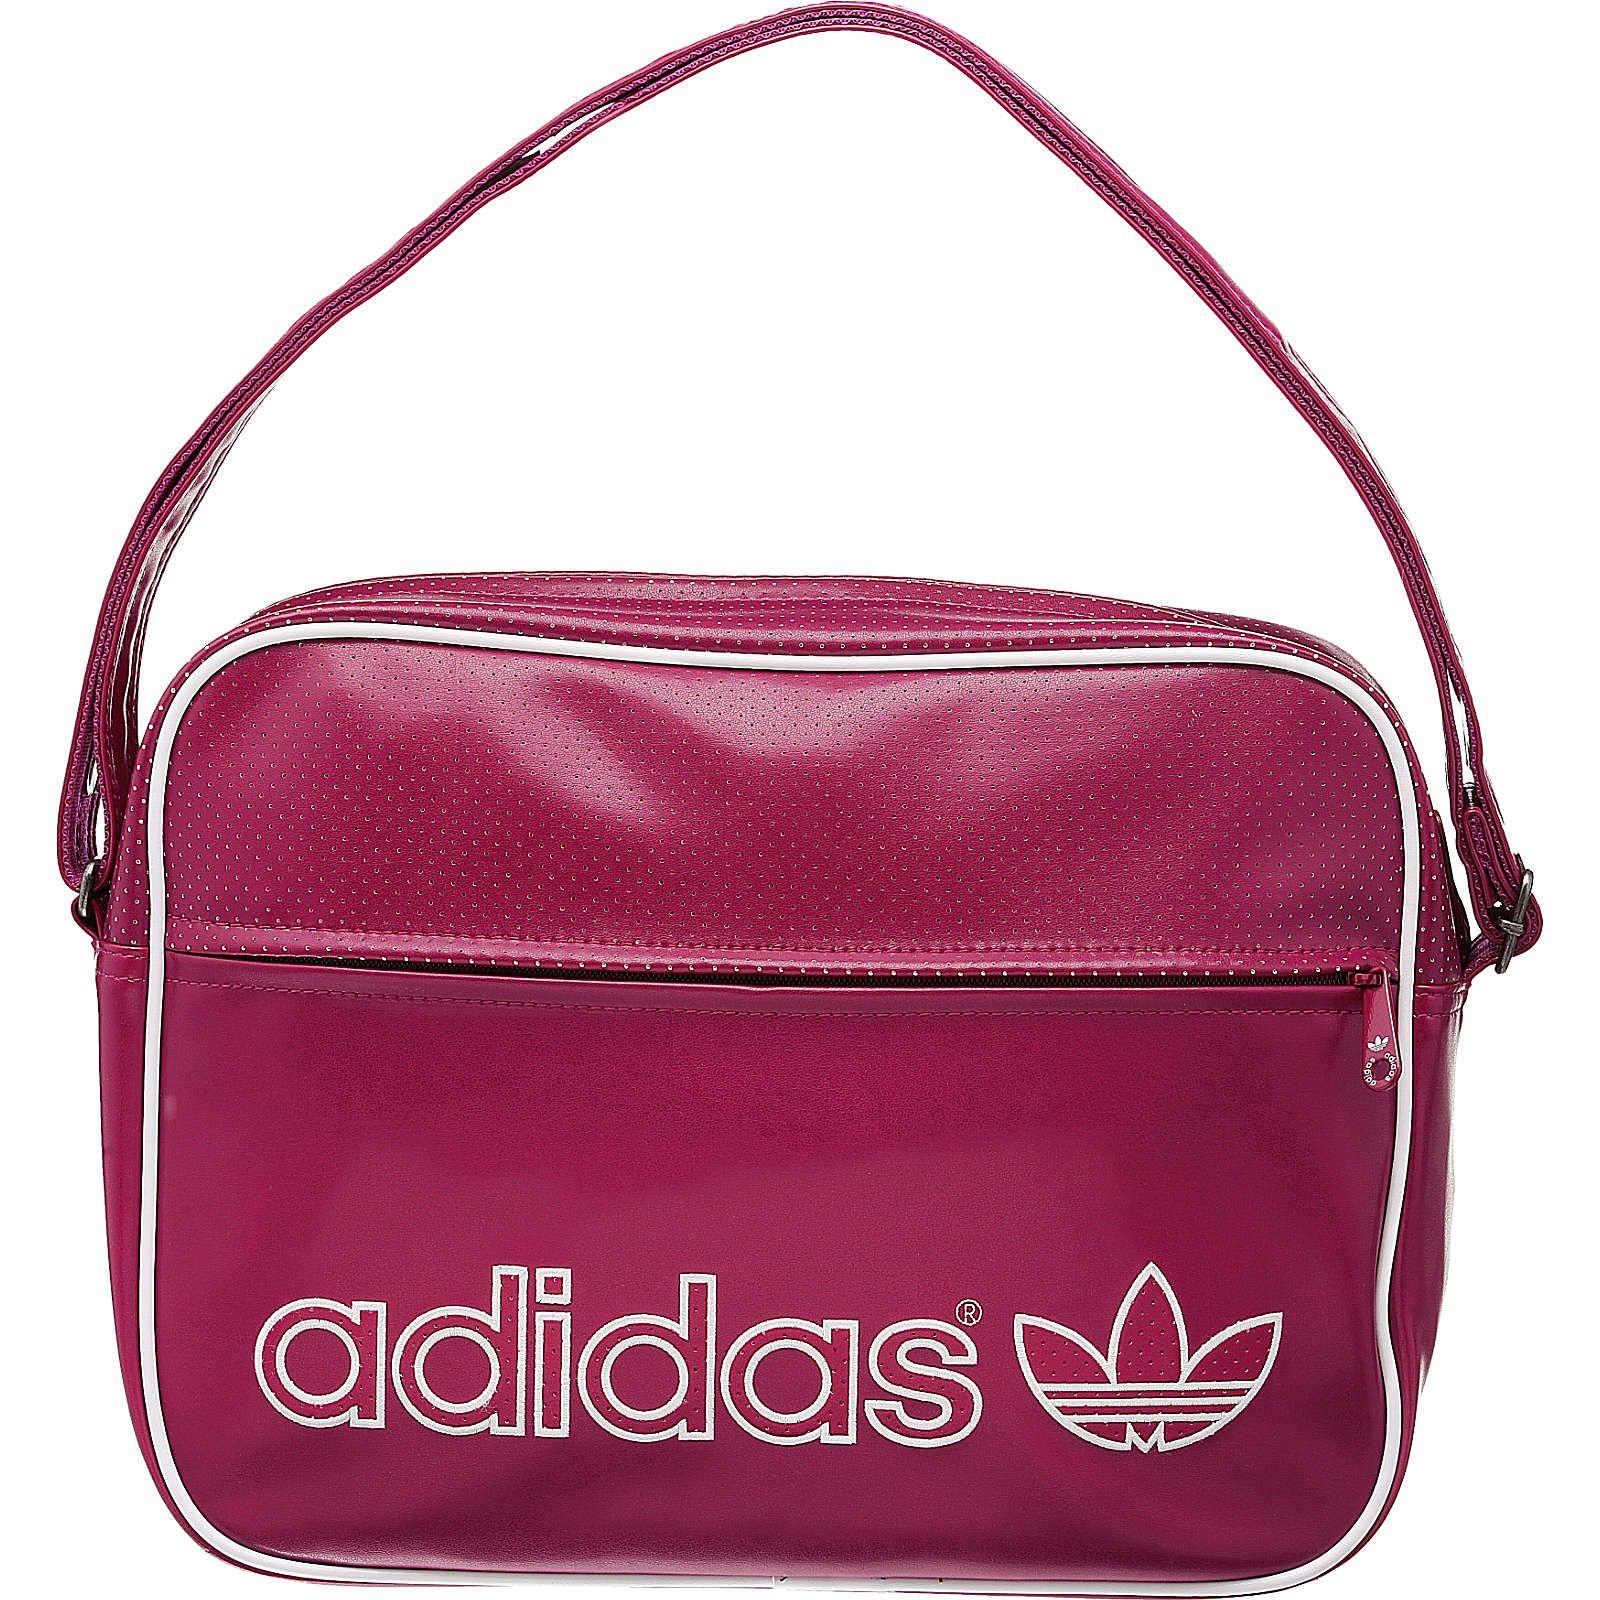 0530f67f73 Adidas Originals Taschen Air Bag Umhängetasche pink